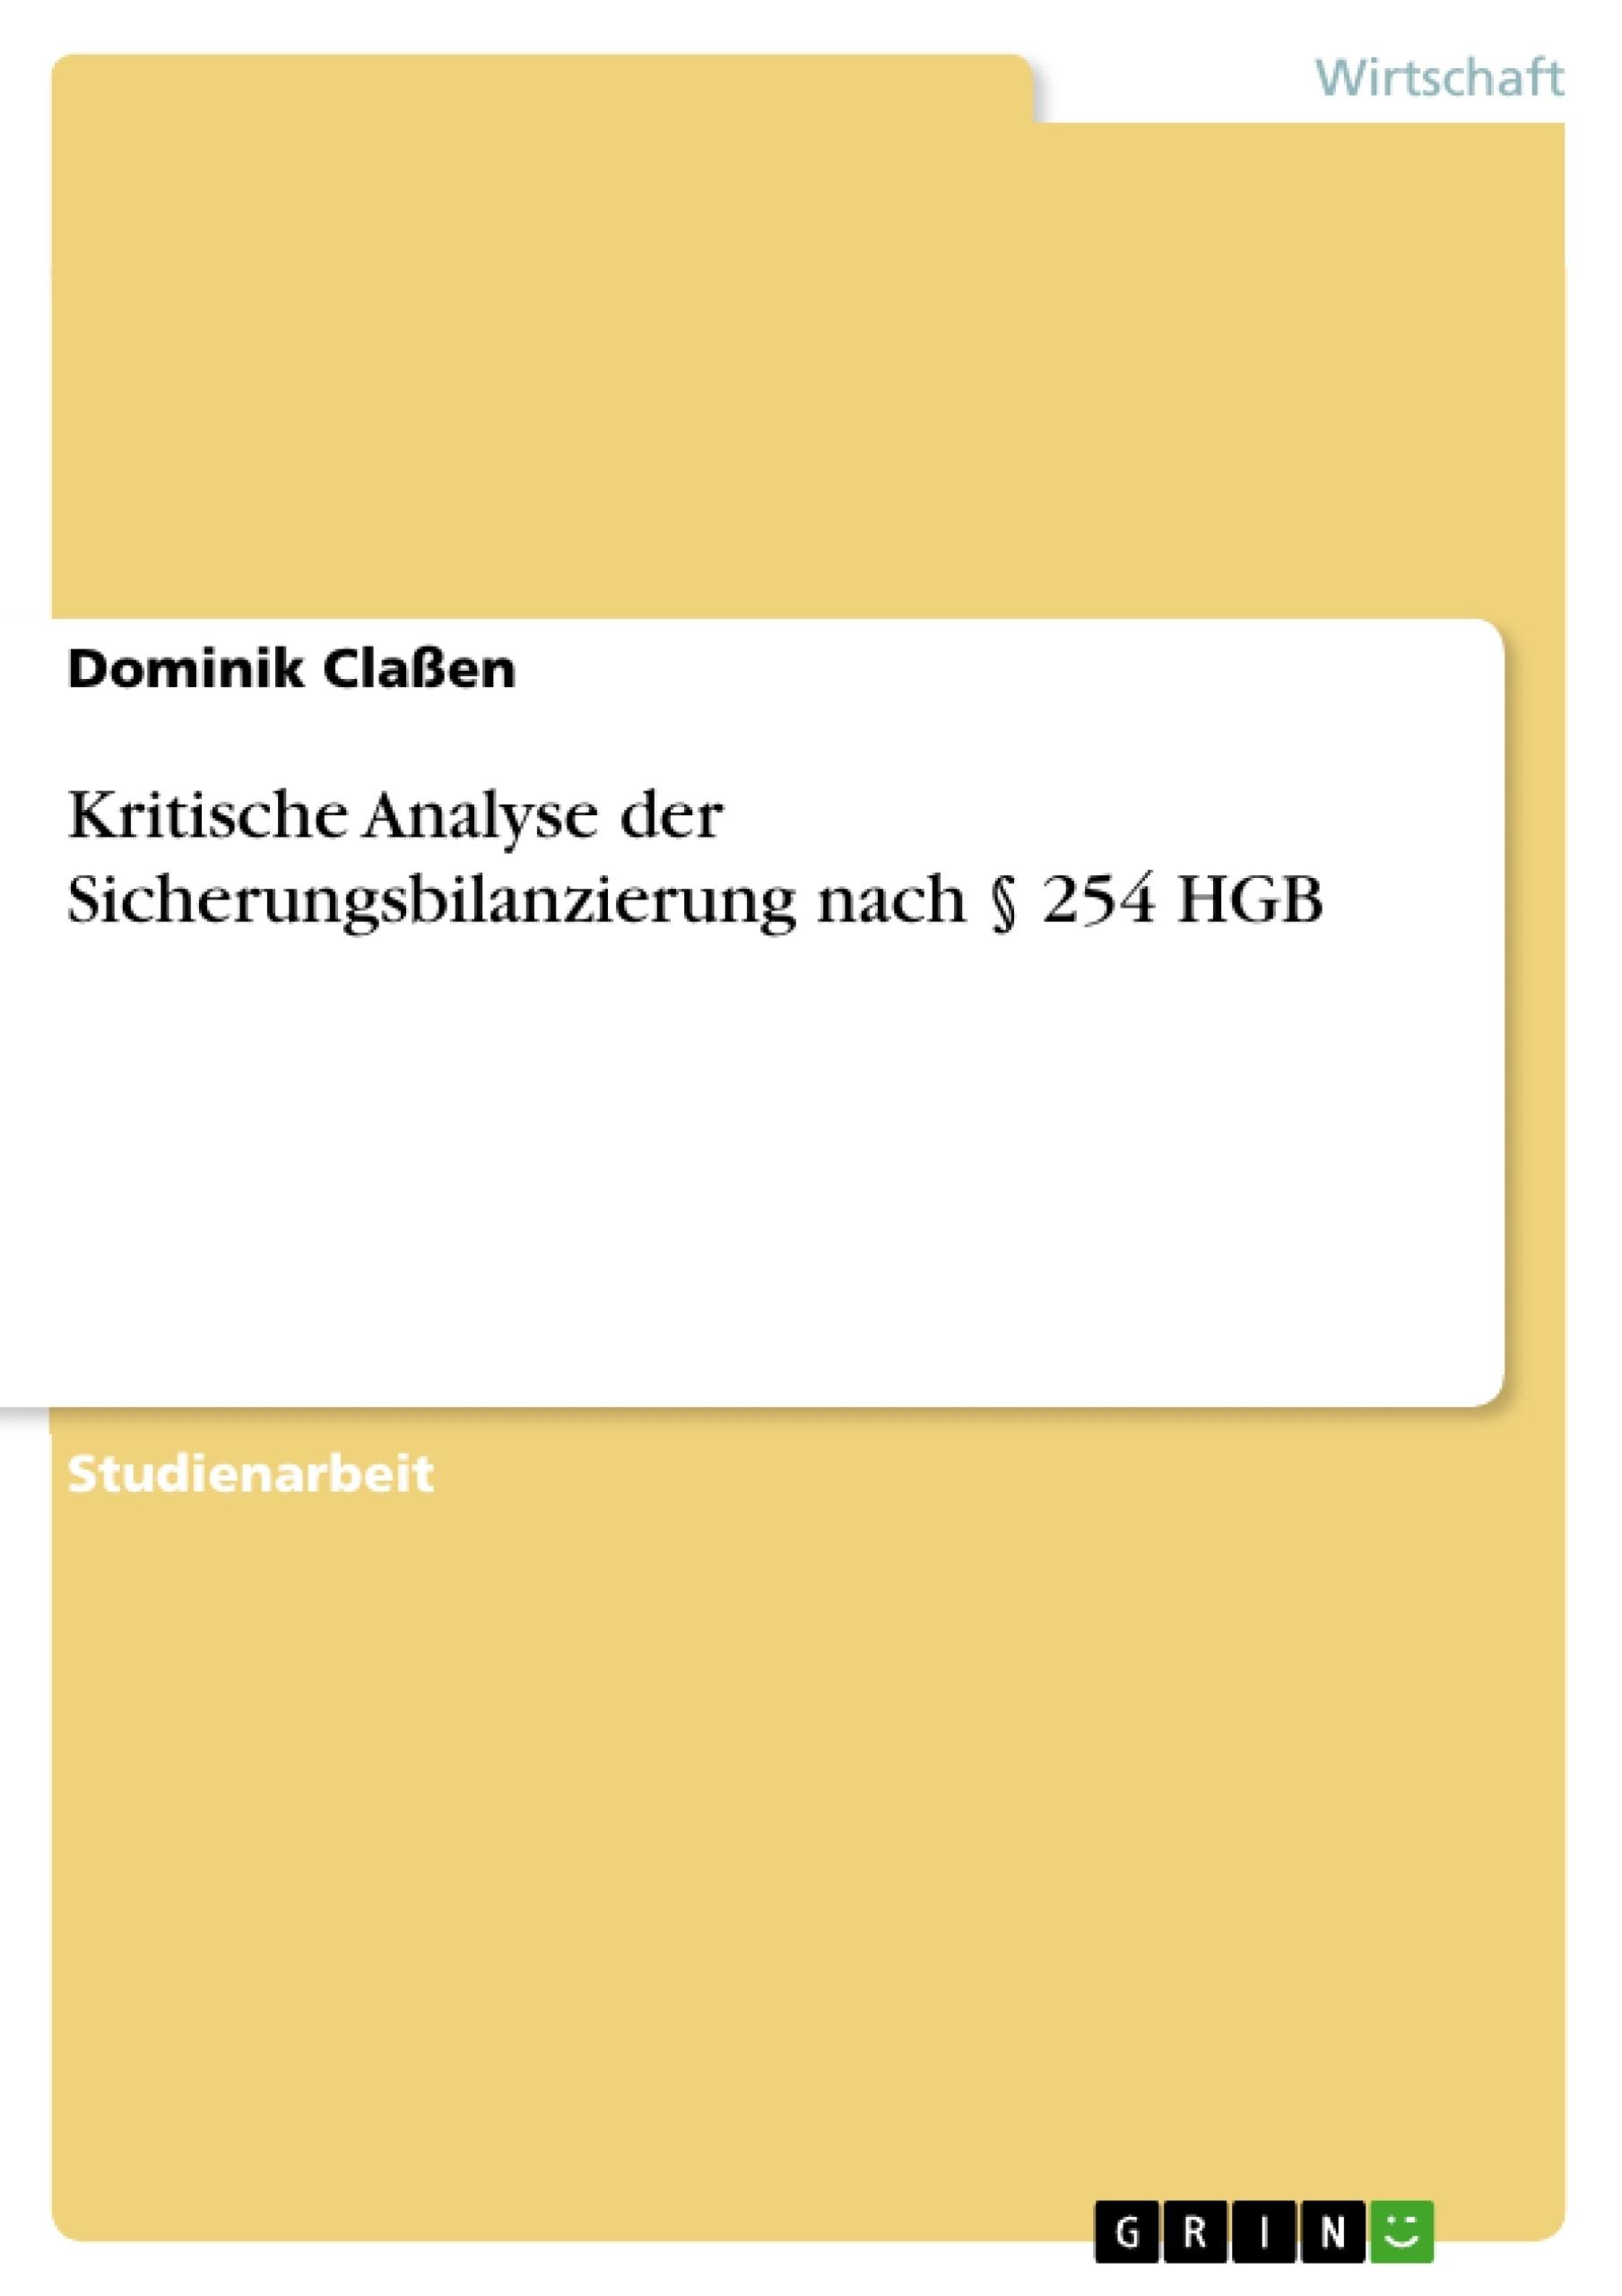 Titel: Kritische Analyse der Sicherungsbilanzierung nach § 254 HGB